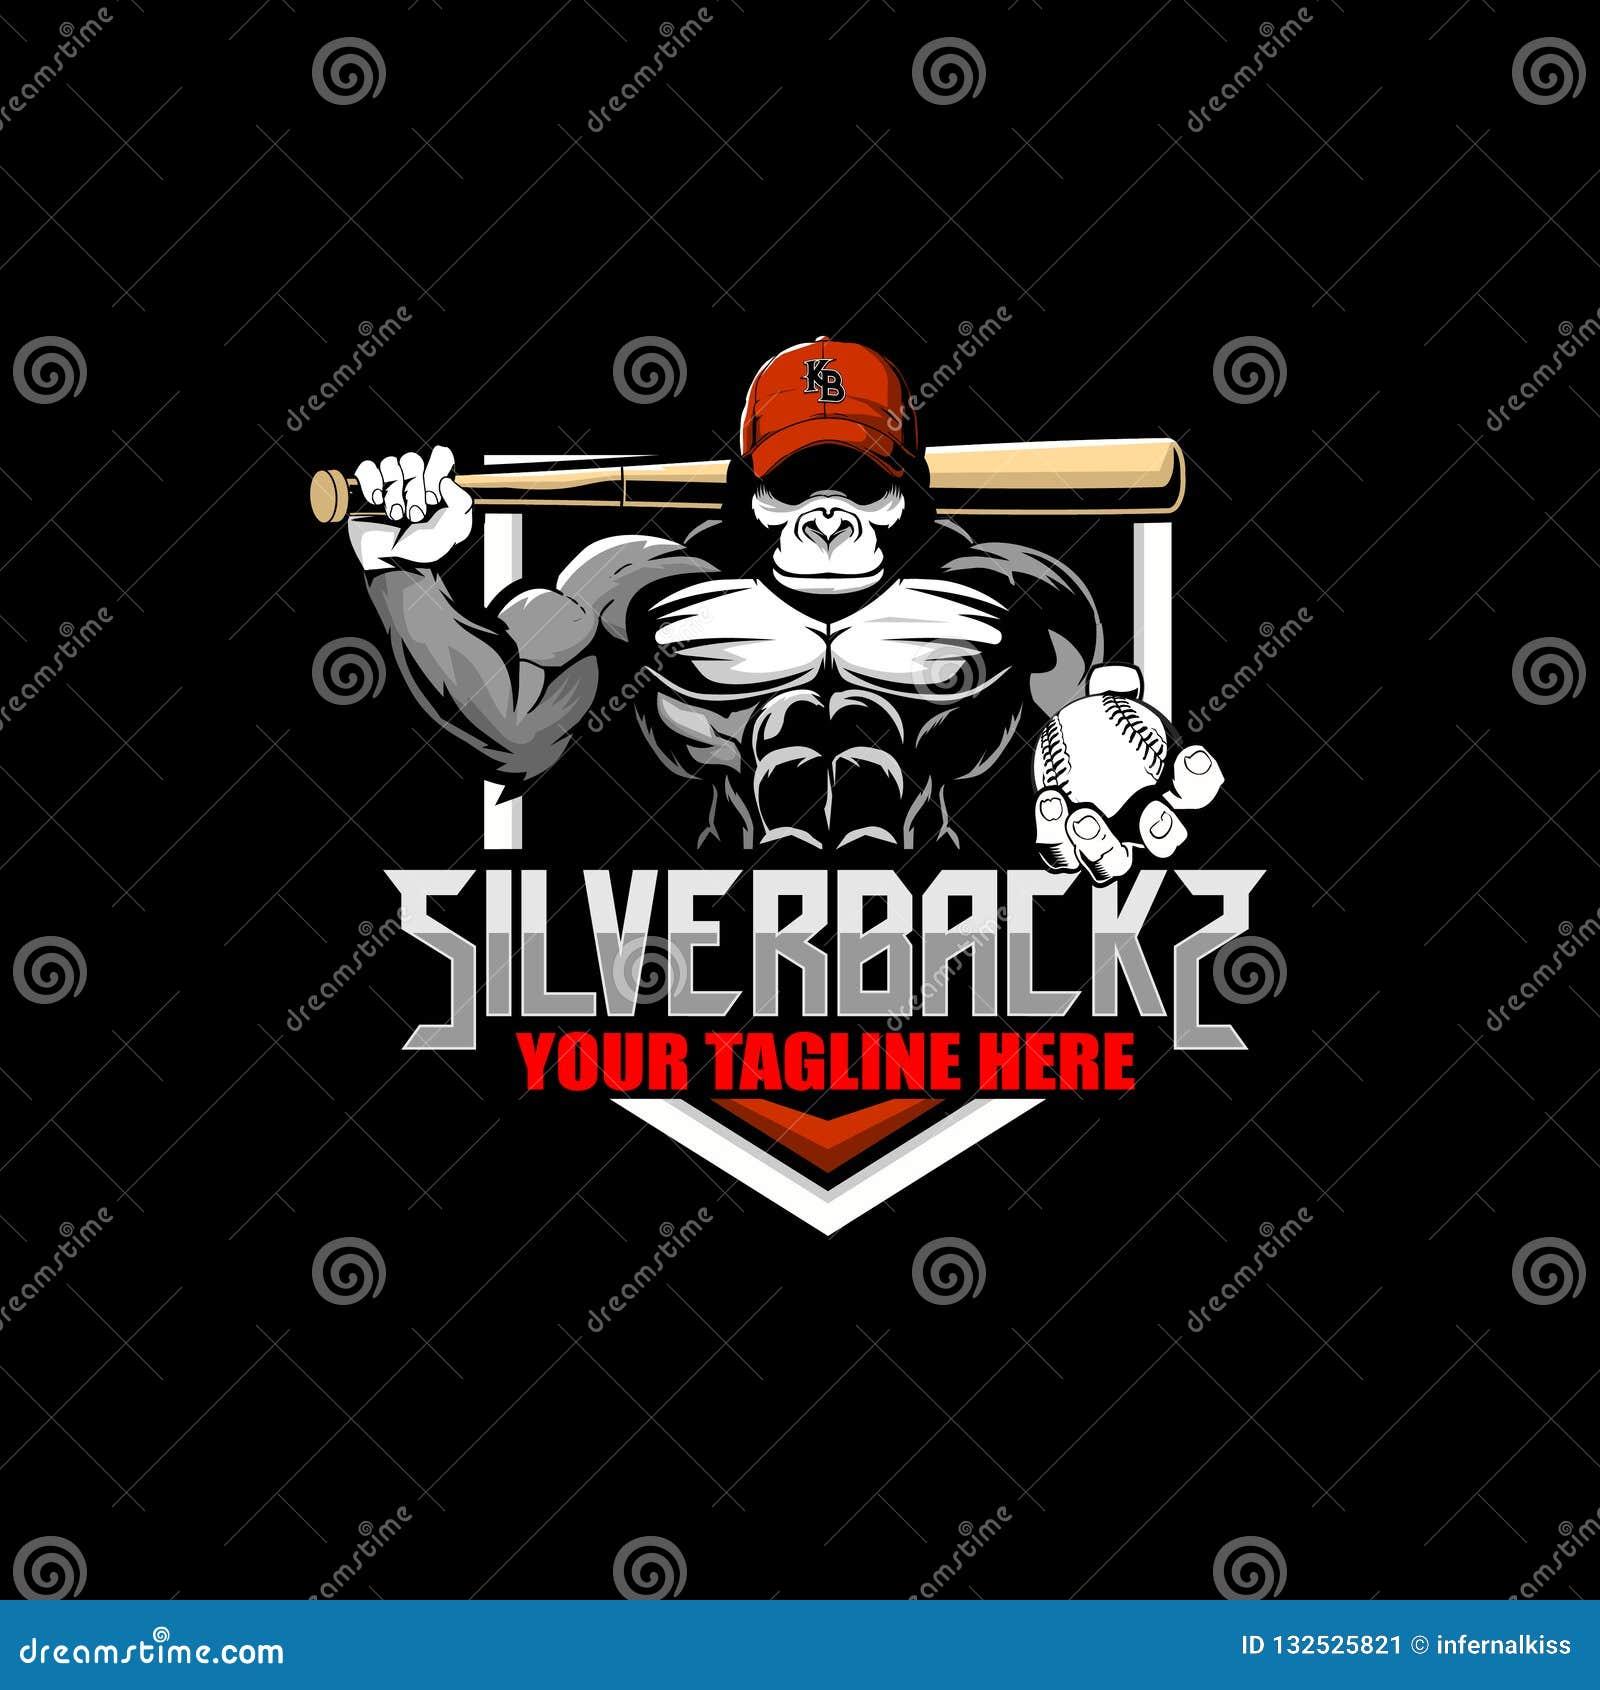 Goryl kreskówka z kapeluszu i nietoperza baseballa odznaki logo wektorowym szablonem